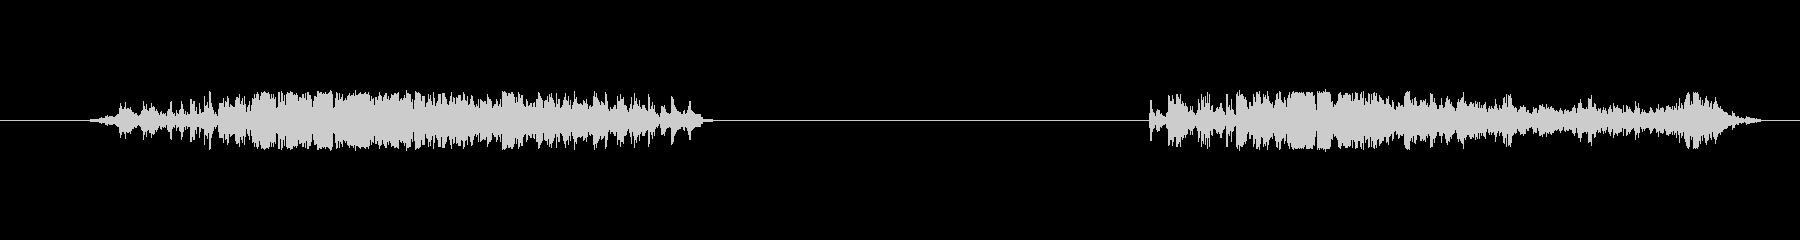 野獣 チョークデッドリーショート01の未再生の波形